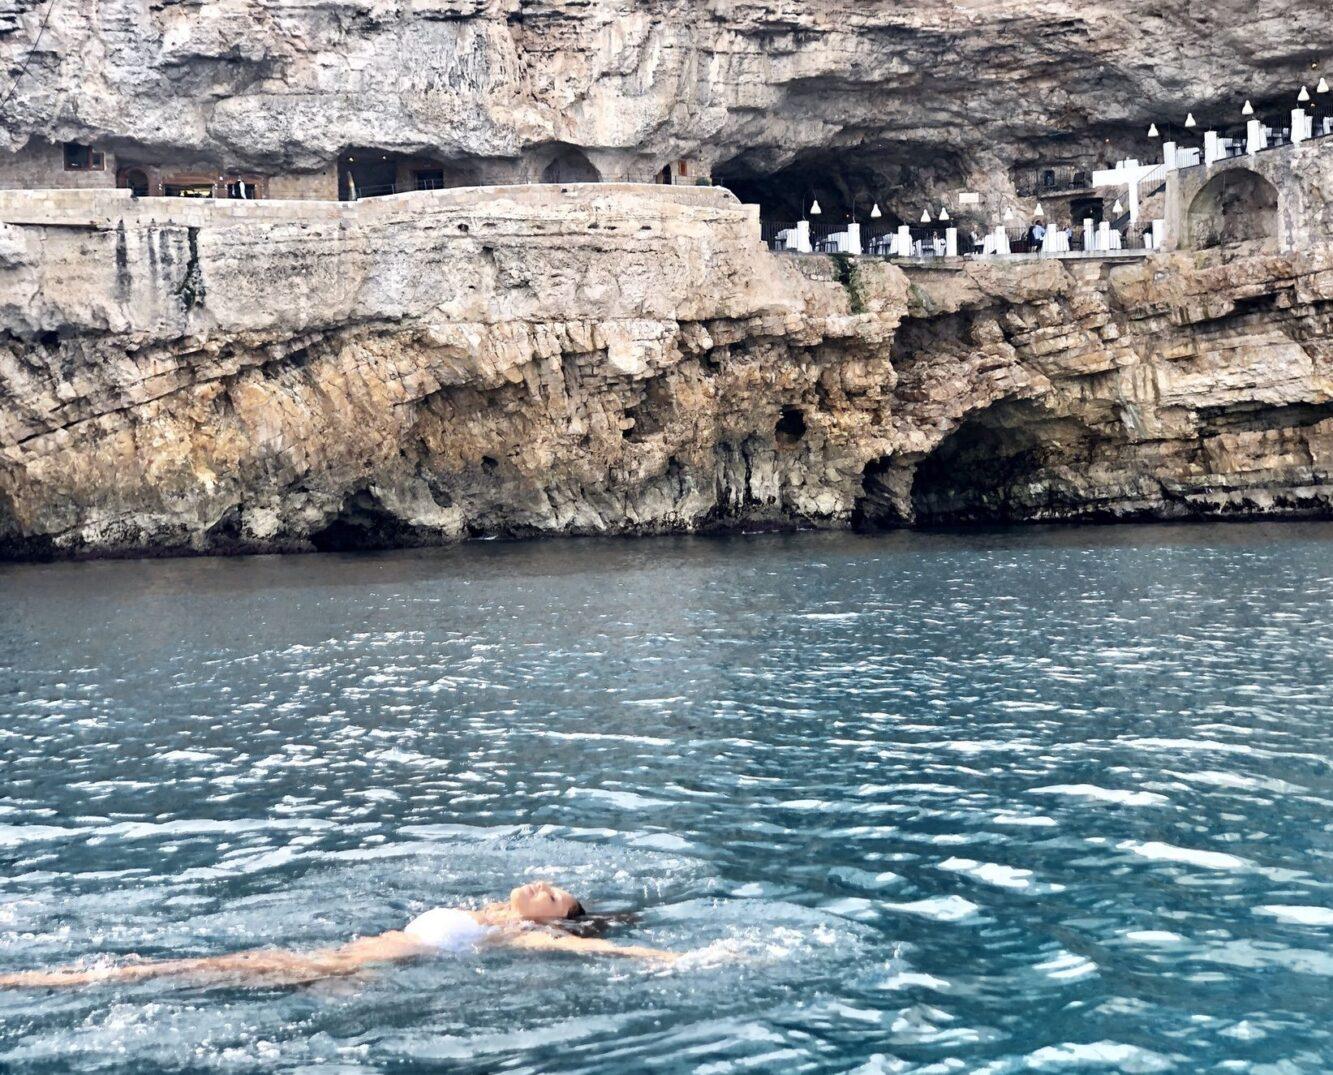 Passeio de barco em Polignano a Mare